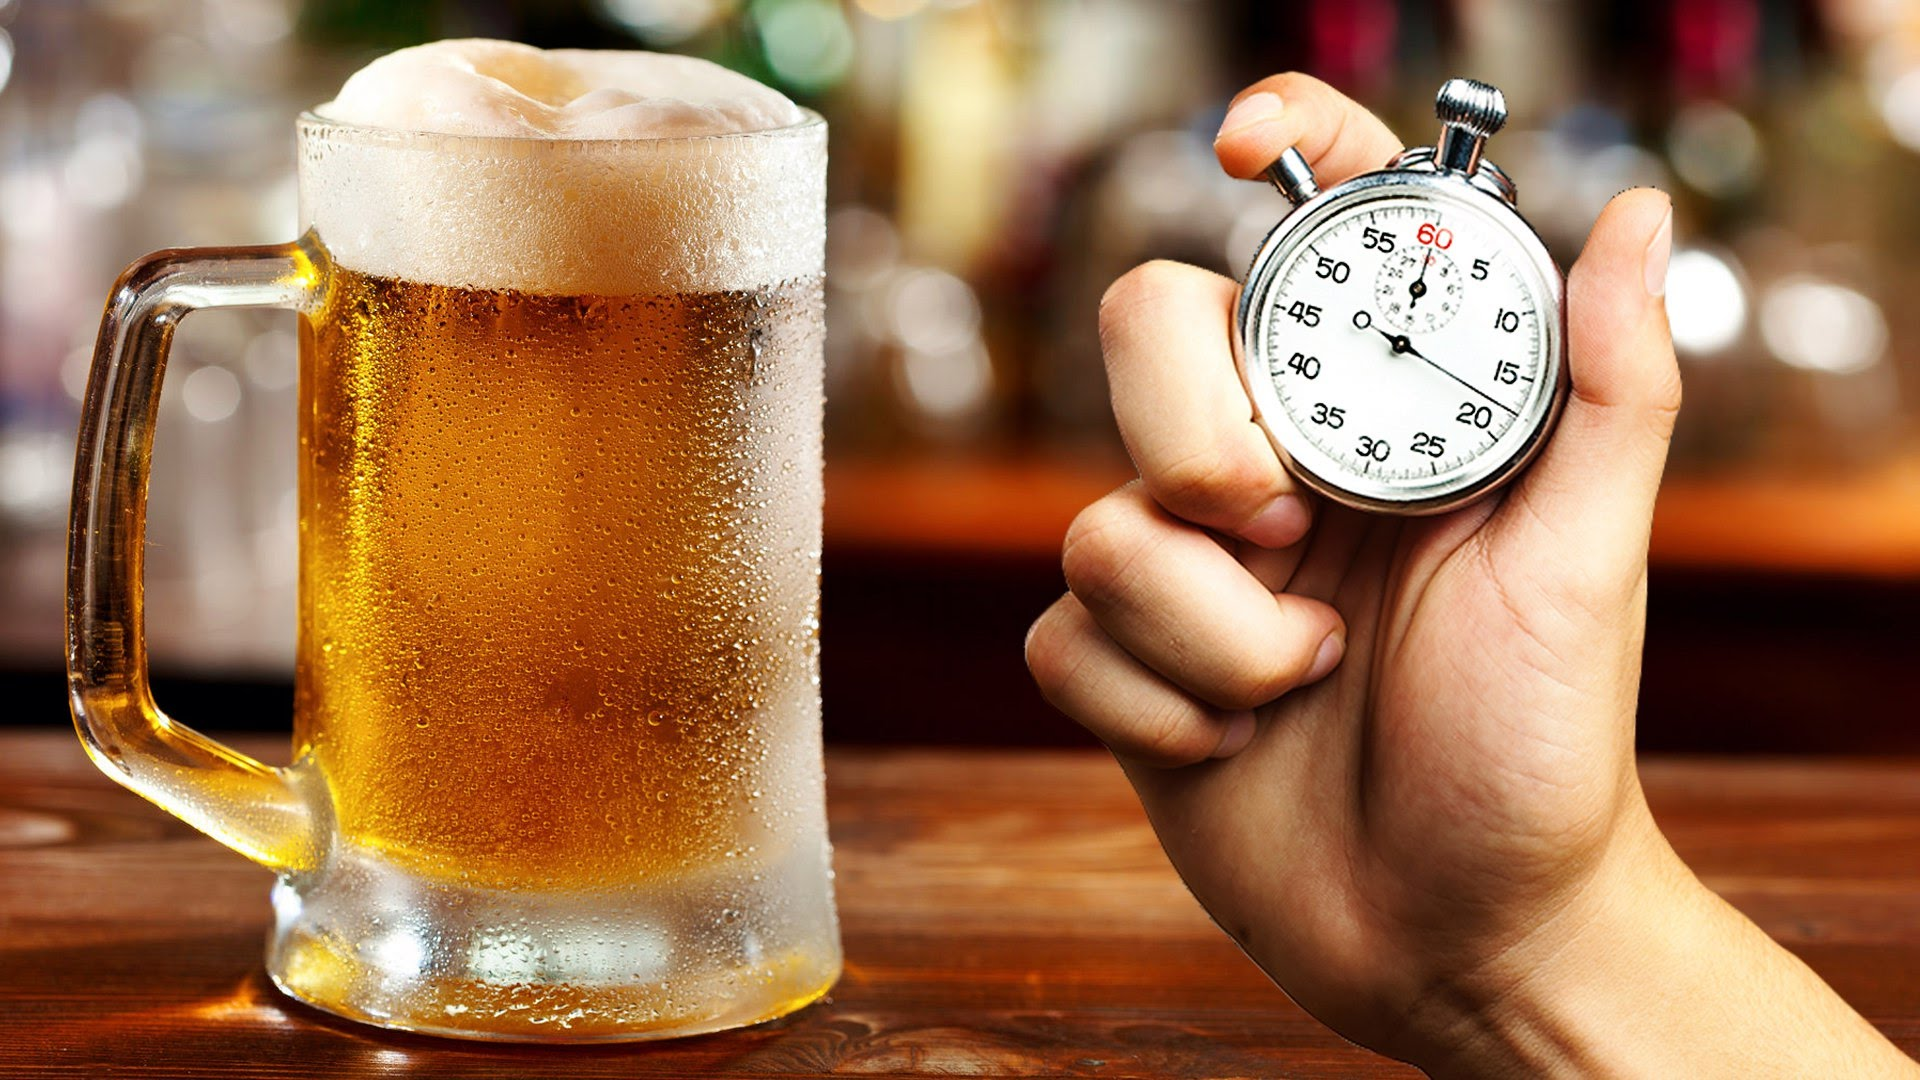 Пейте охлажденным: как быстро остудить пиво в любой ситуации